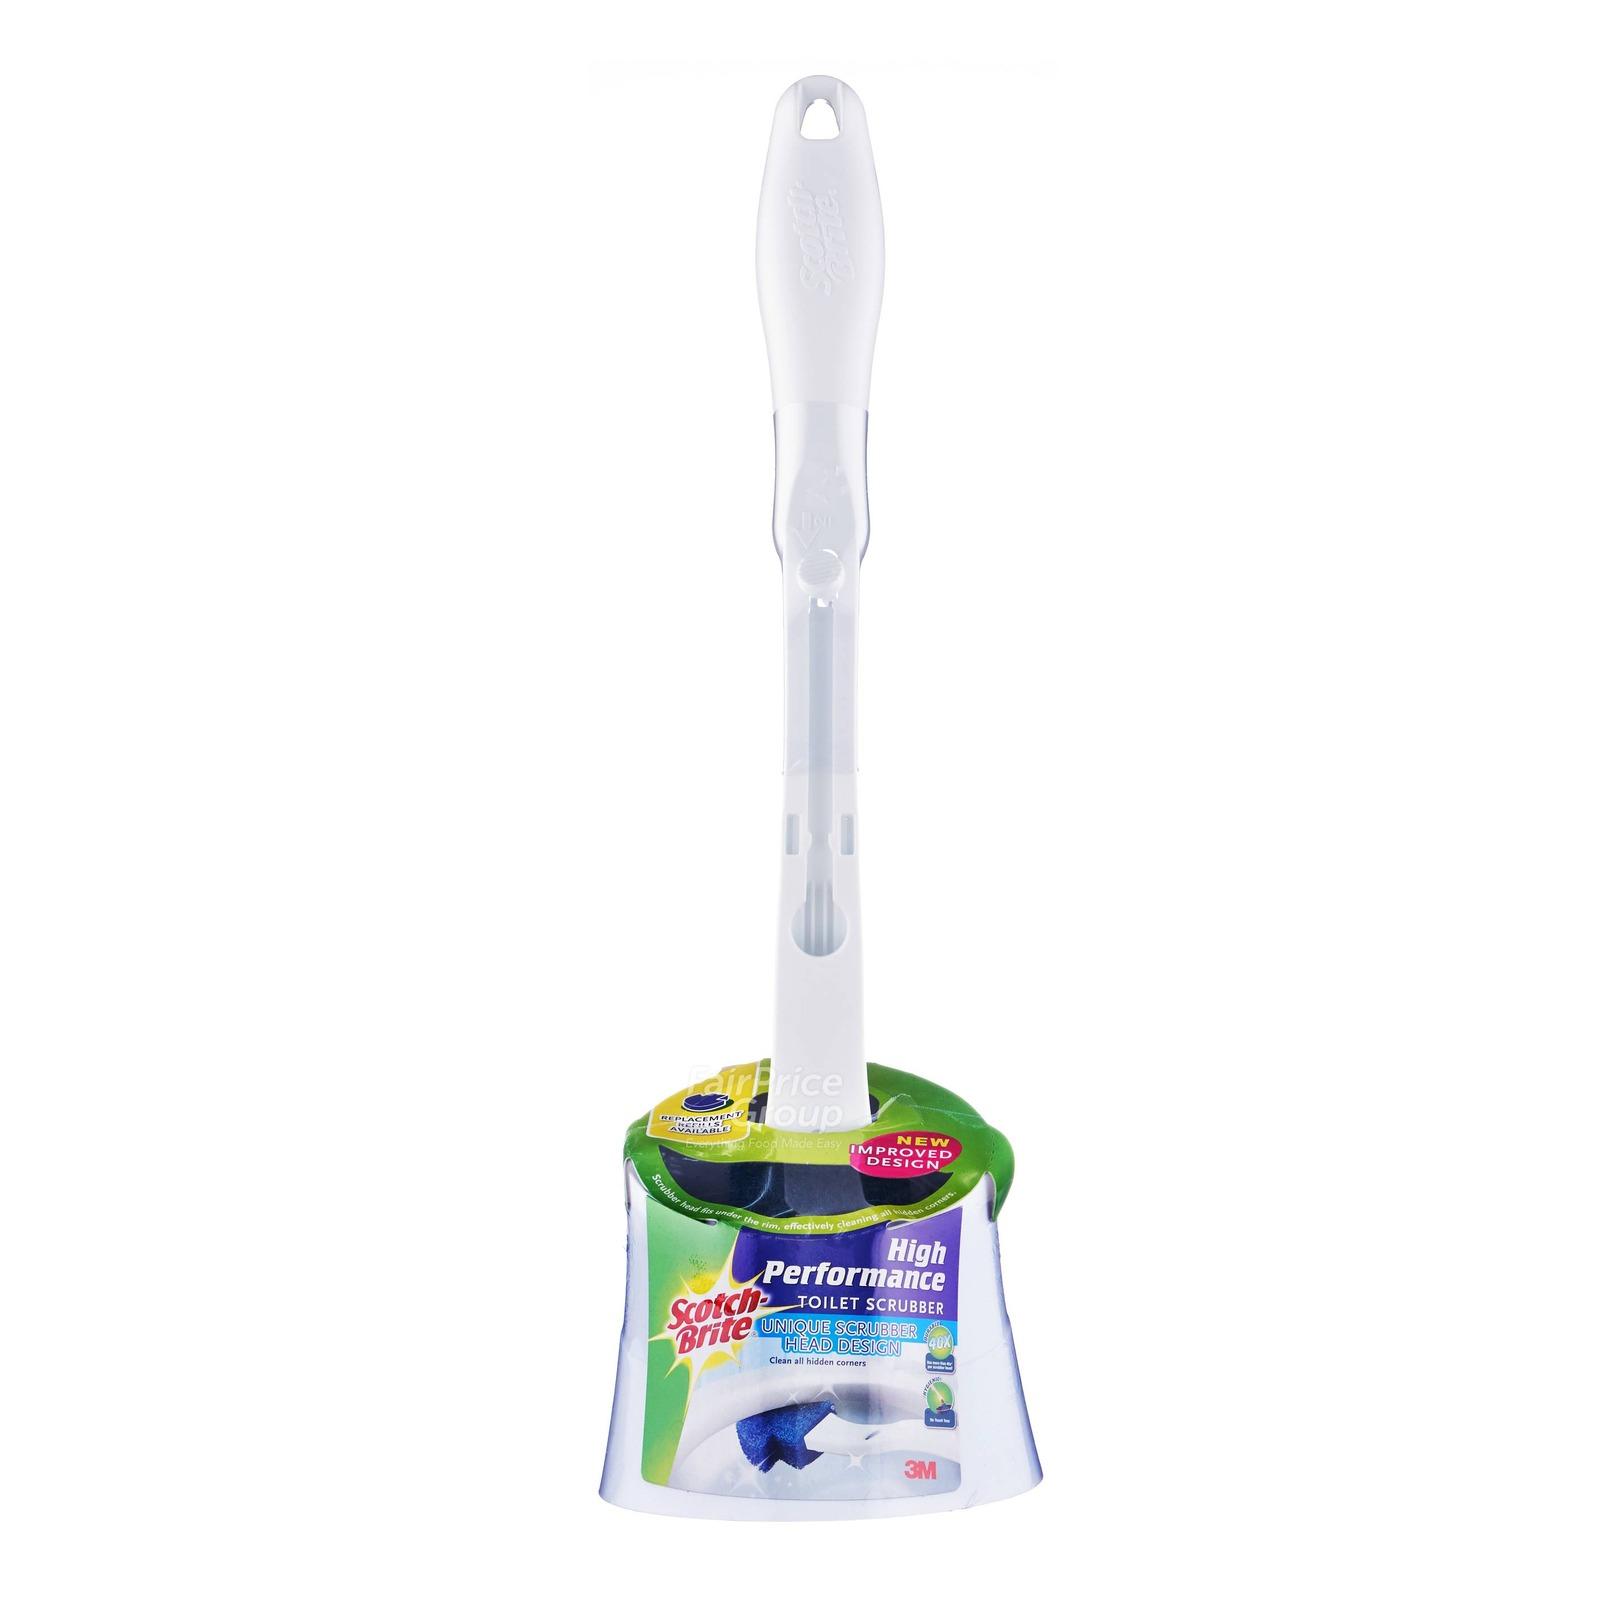 3M Scotch-Brite High Performance Toilet Scrubber